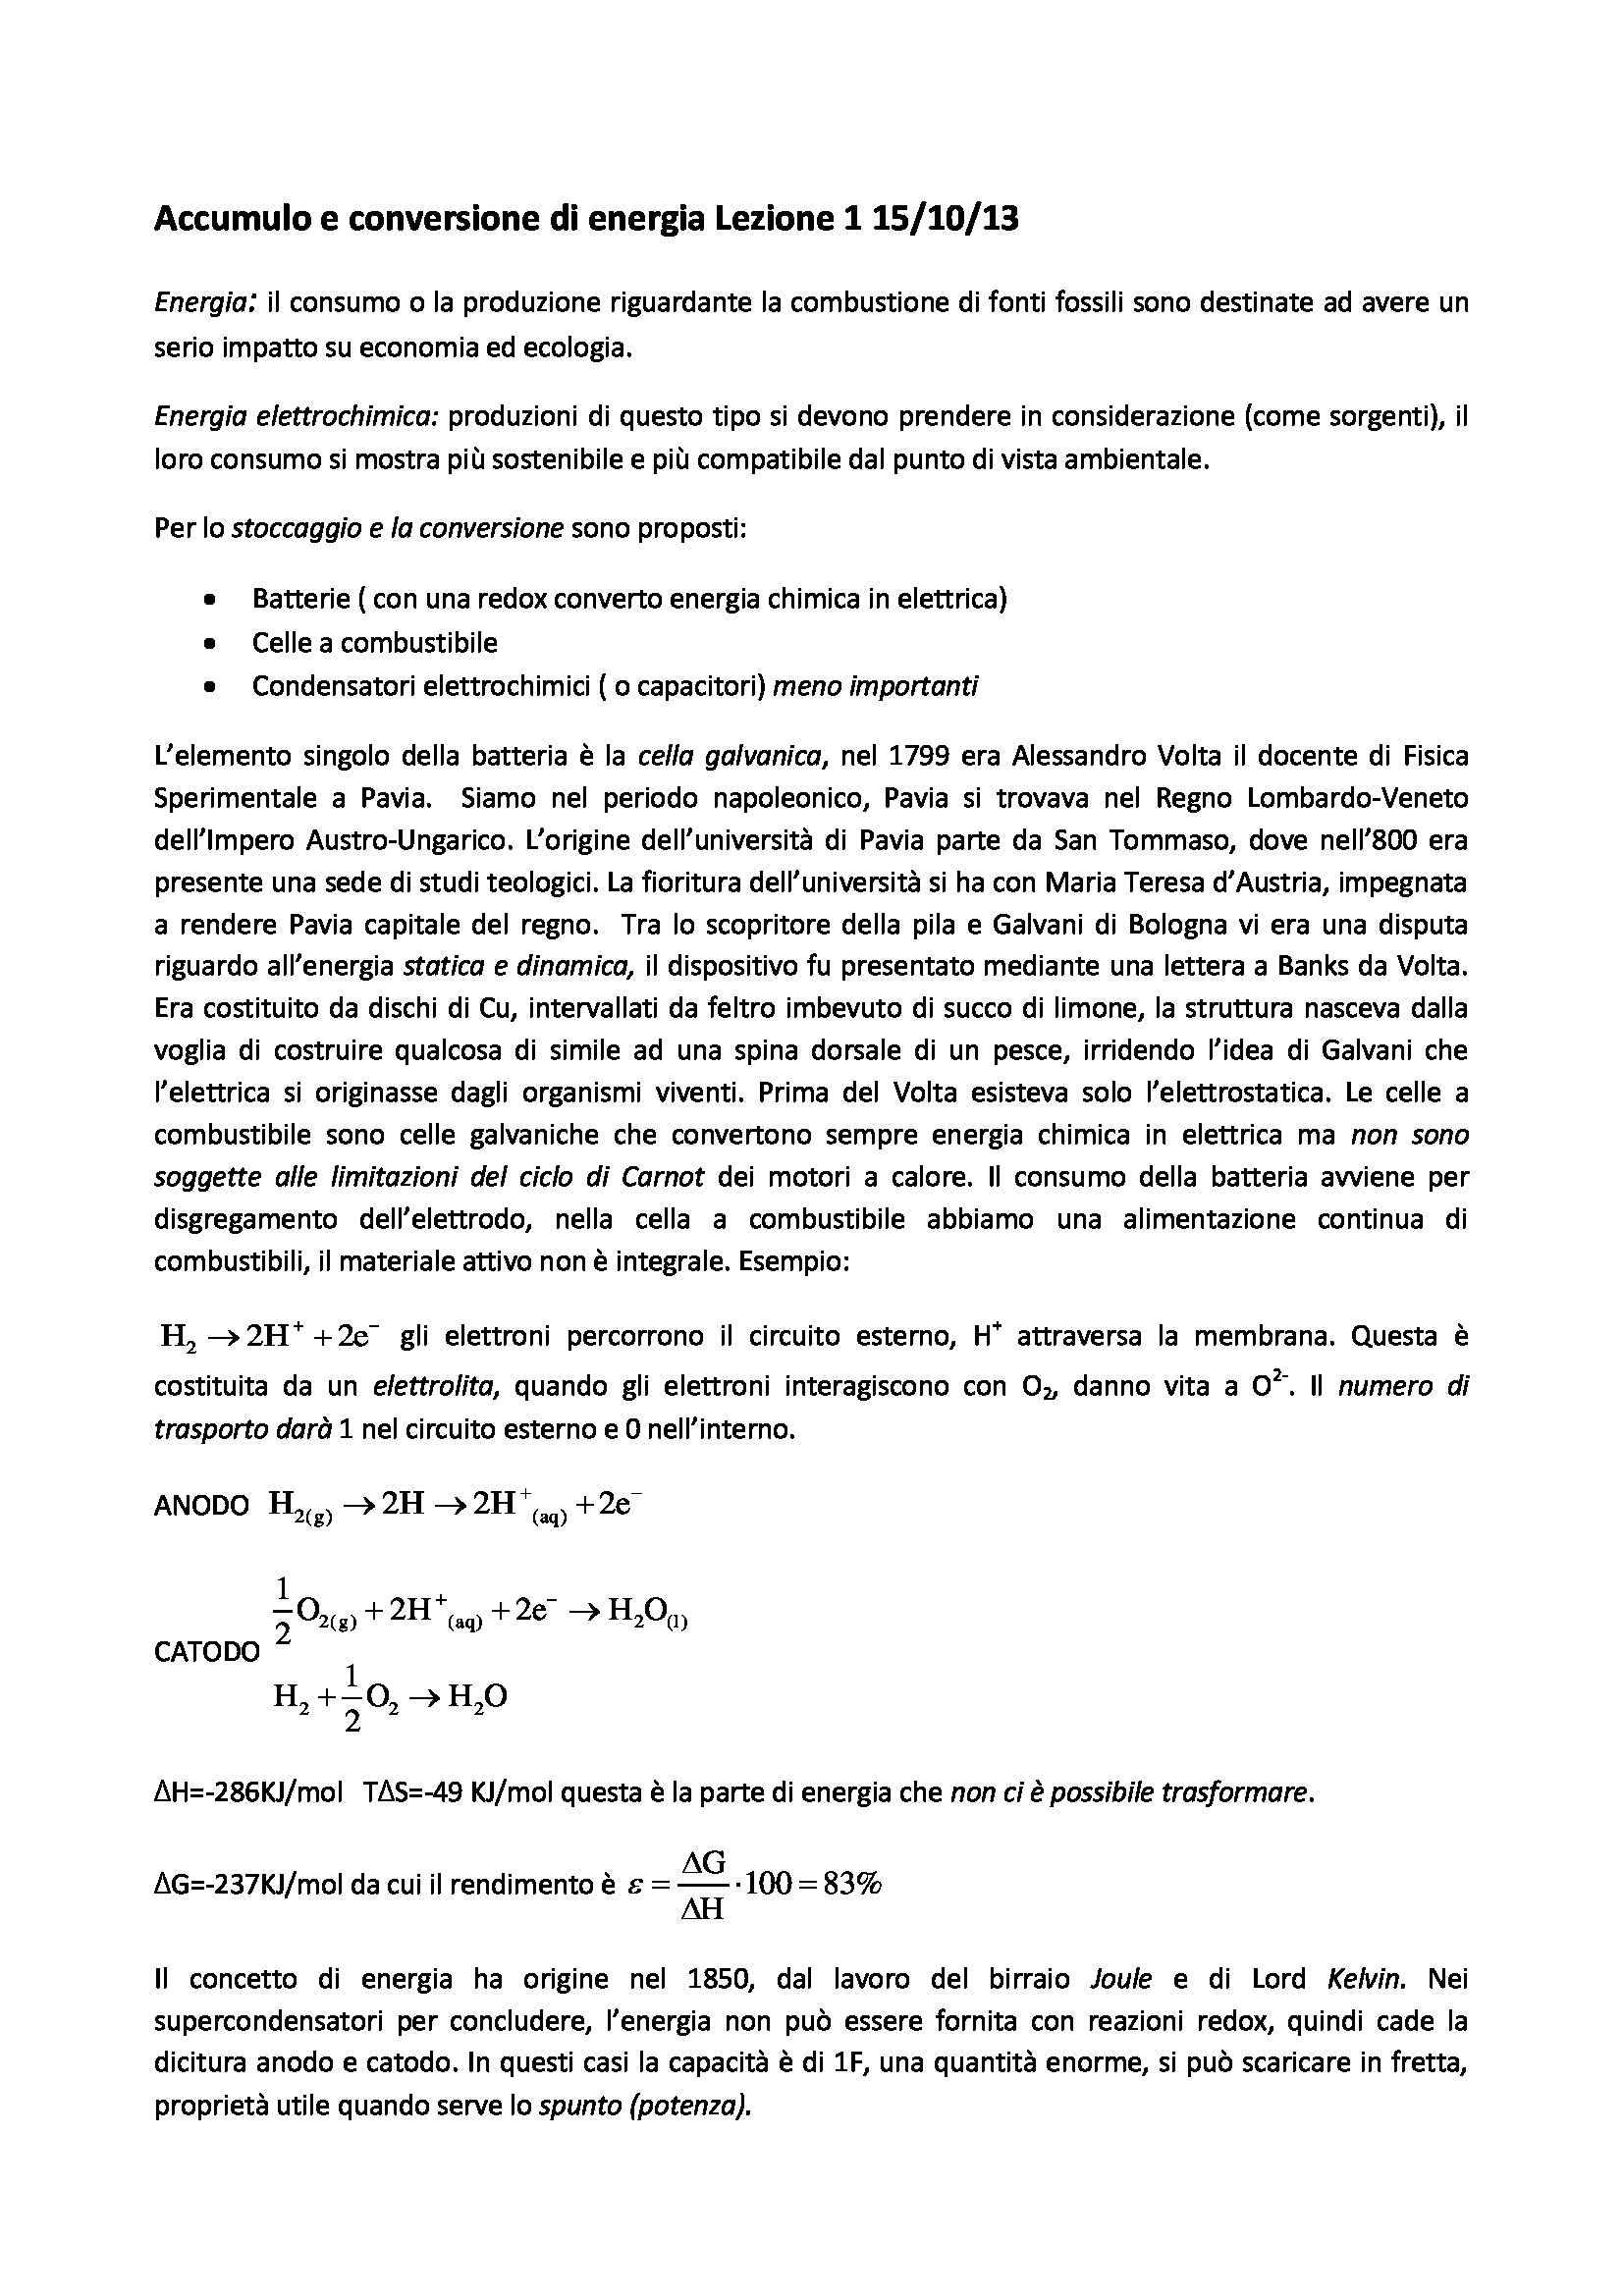 appunto A. Magistris Accumulo e conversione di energia